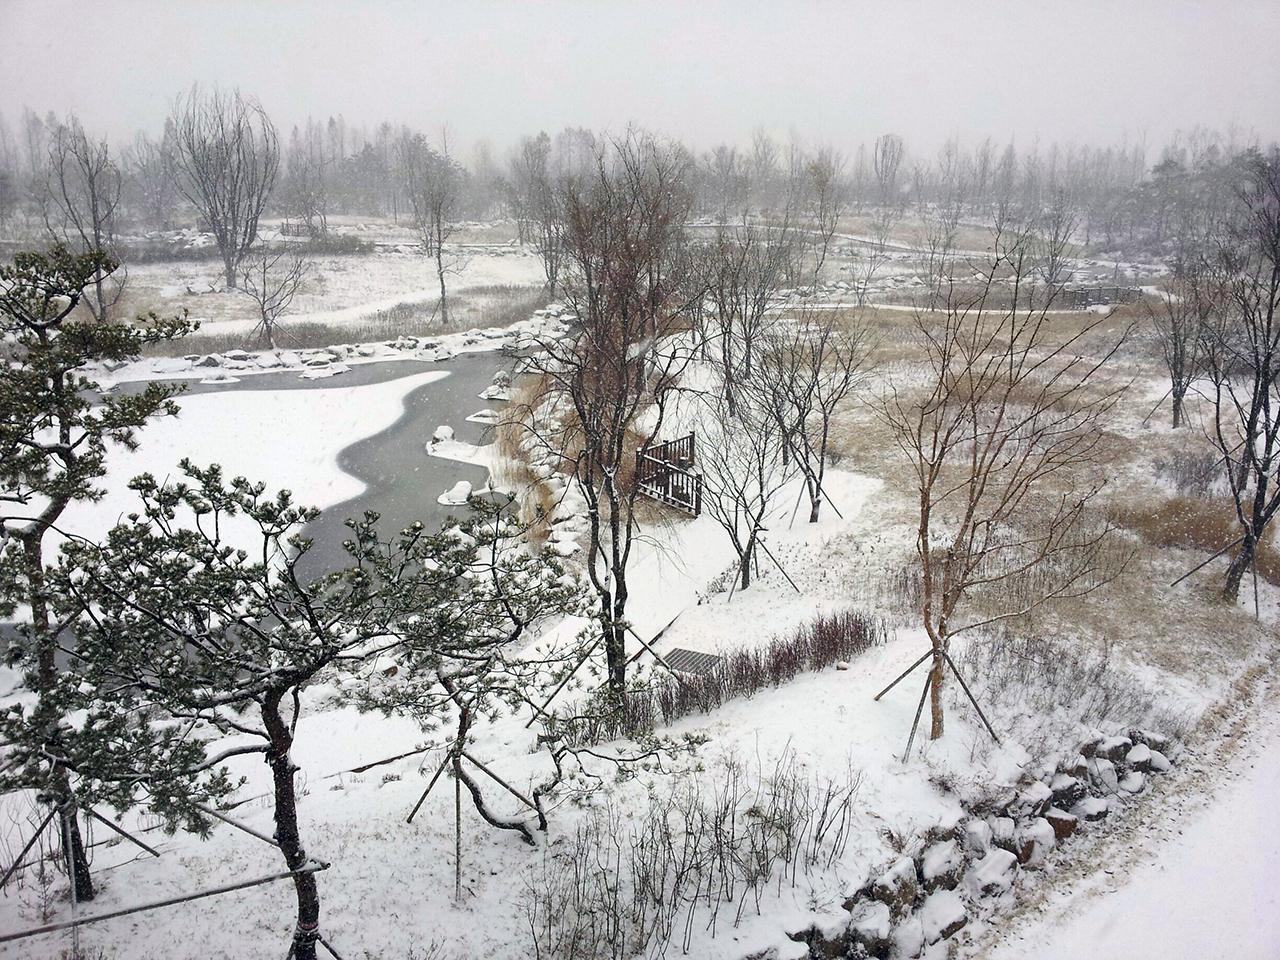 고양생태공원의 겨울